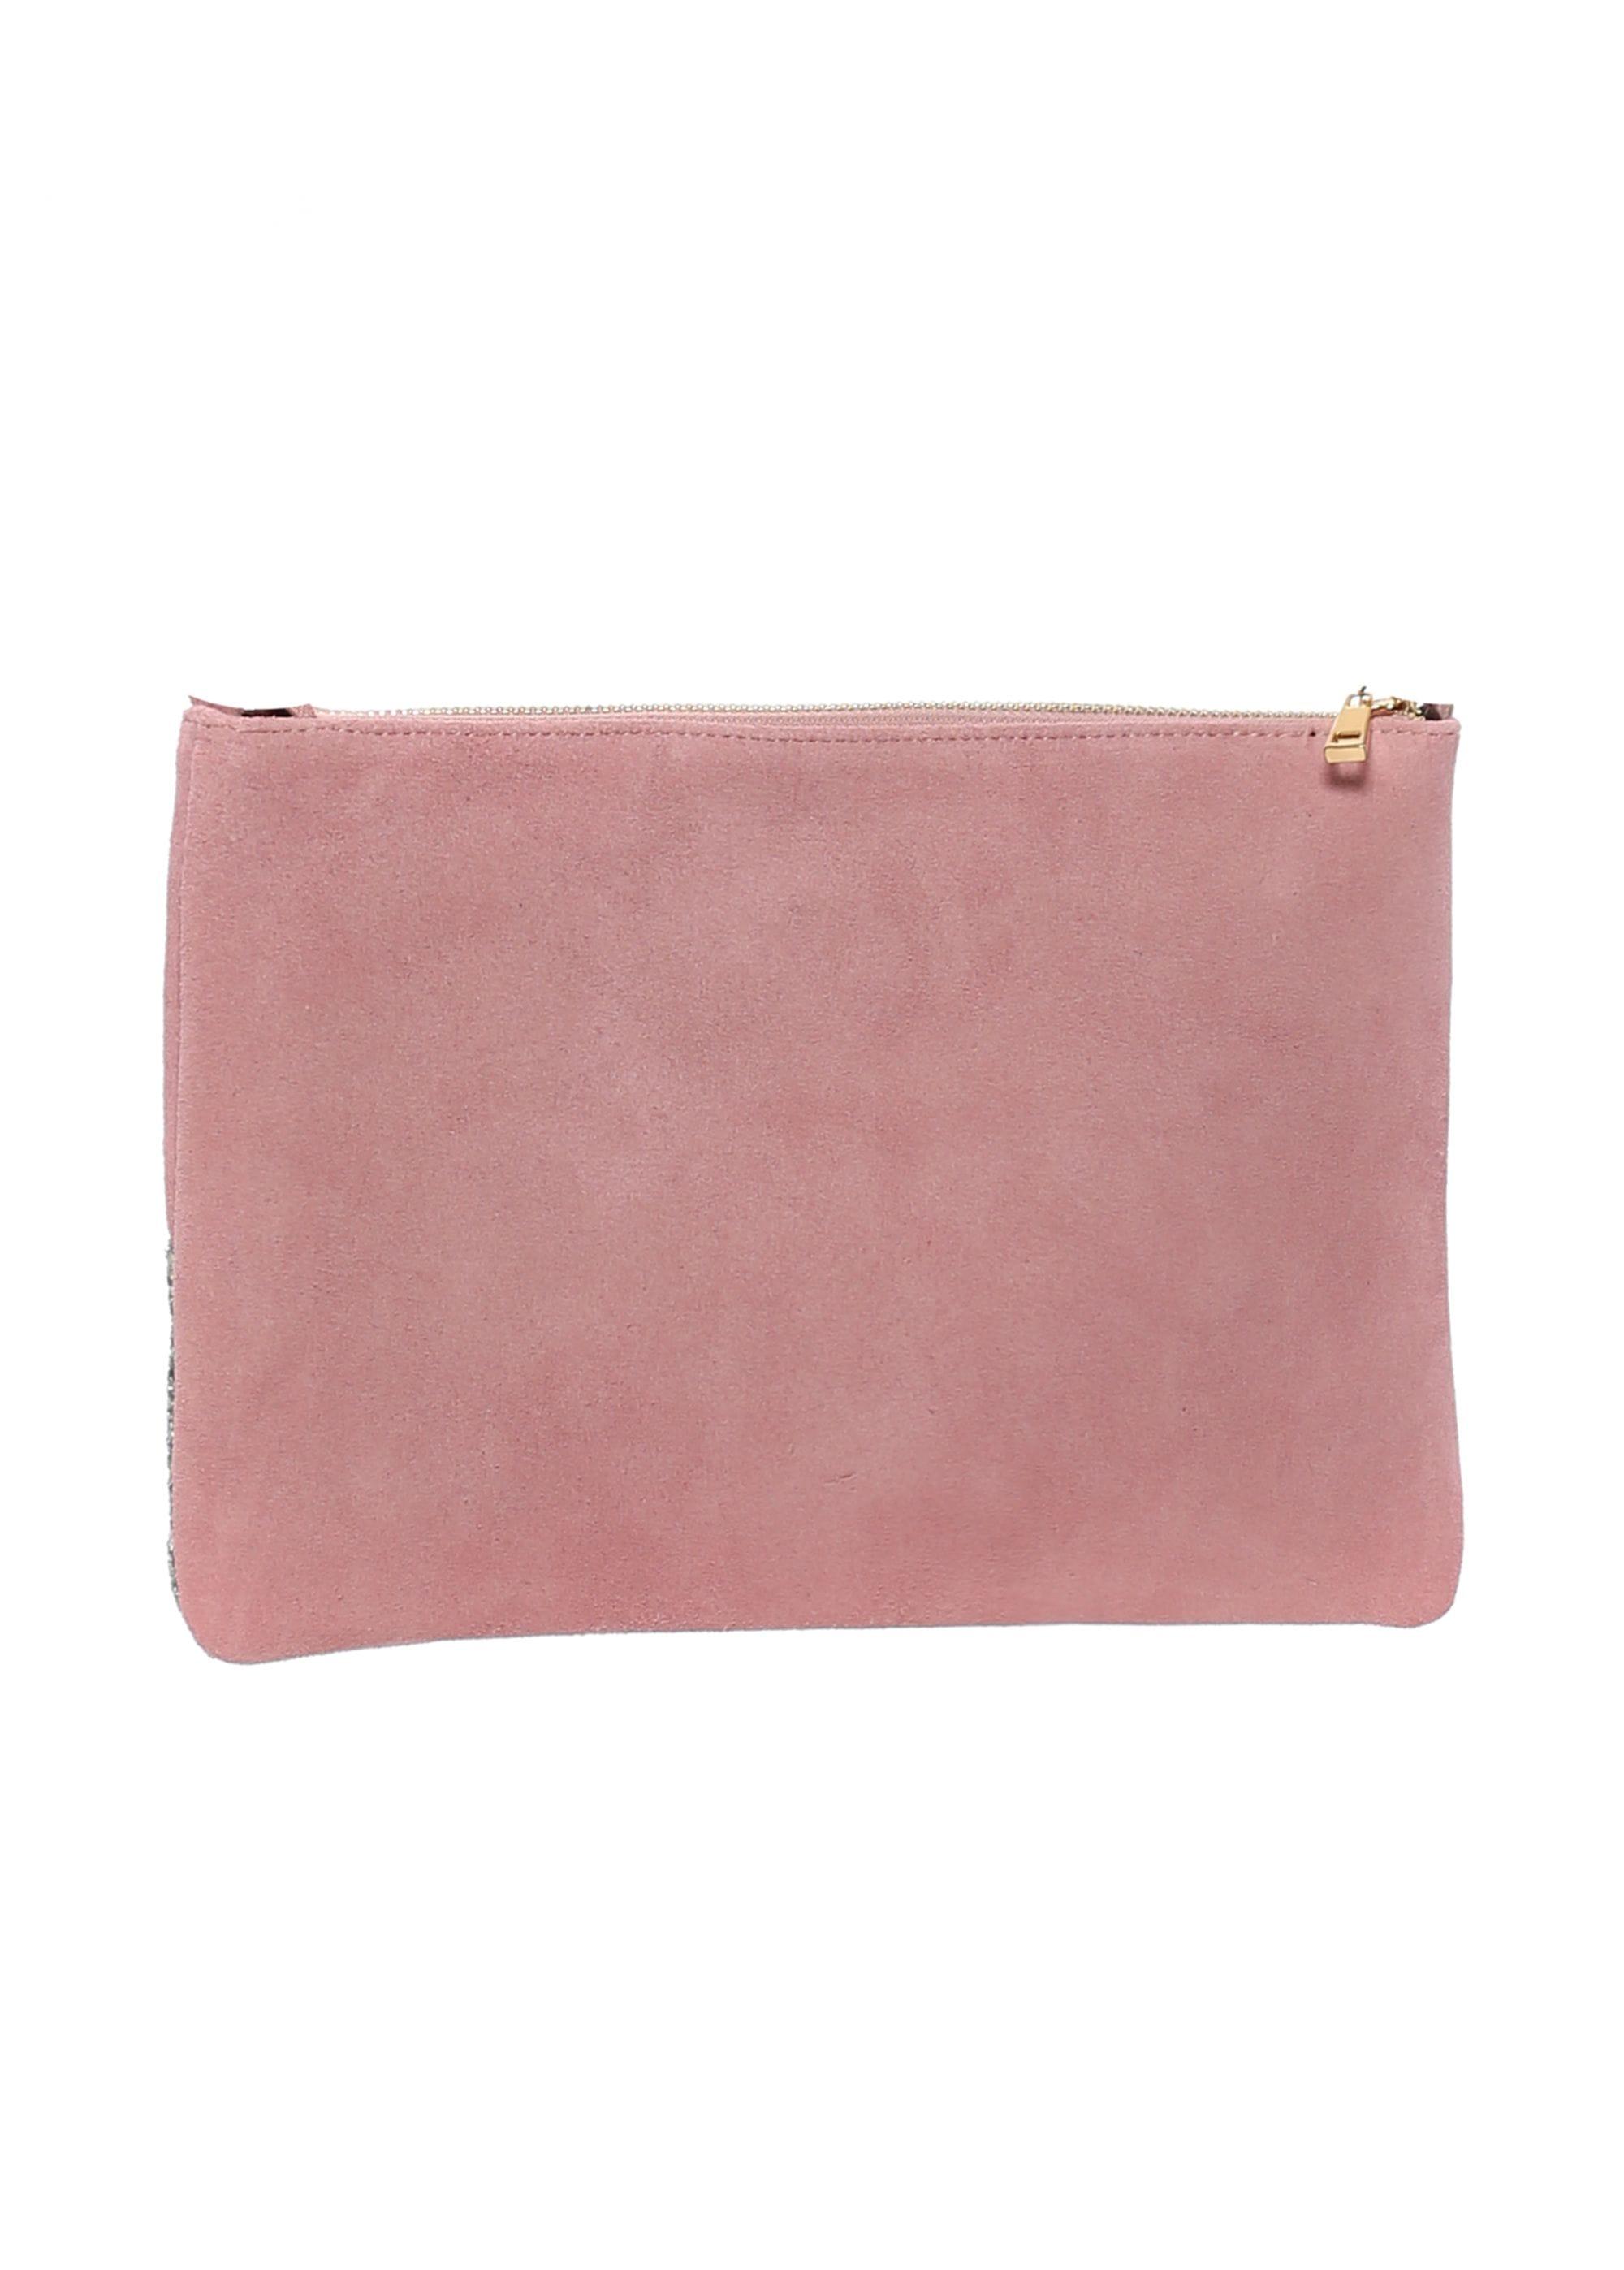 Pink Suede Glitter Clutch Bag